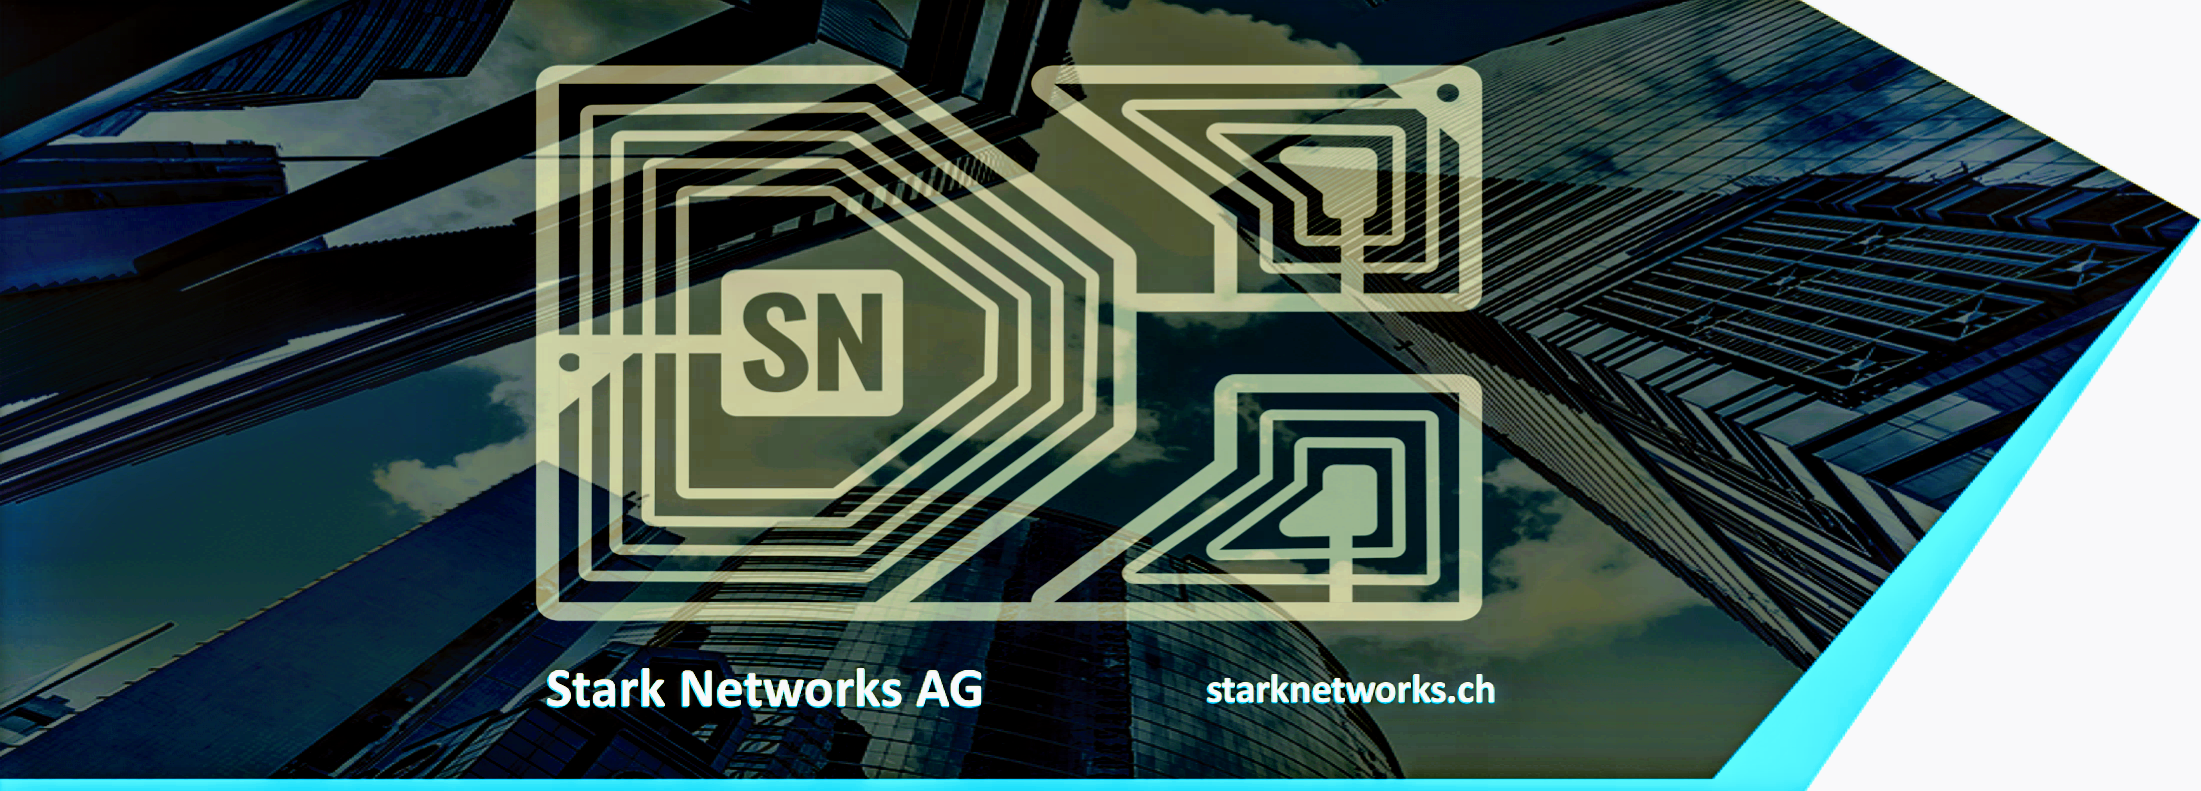 Stark Networks AG